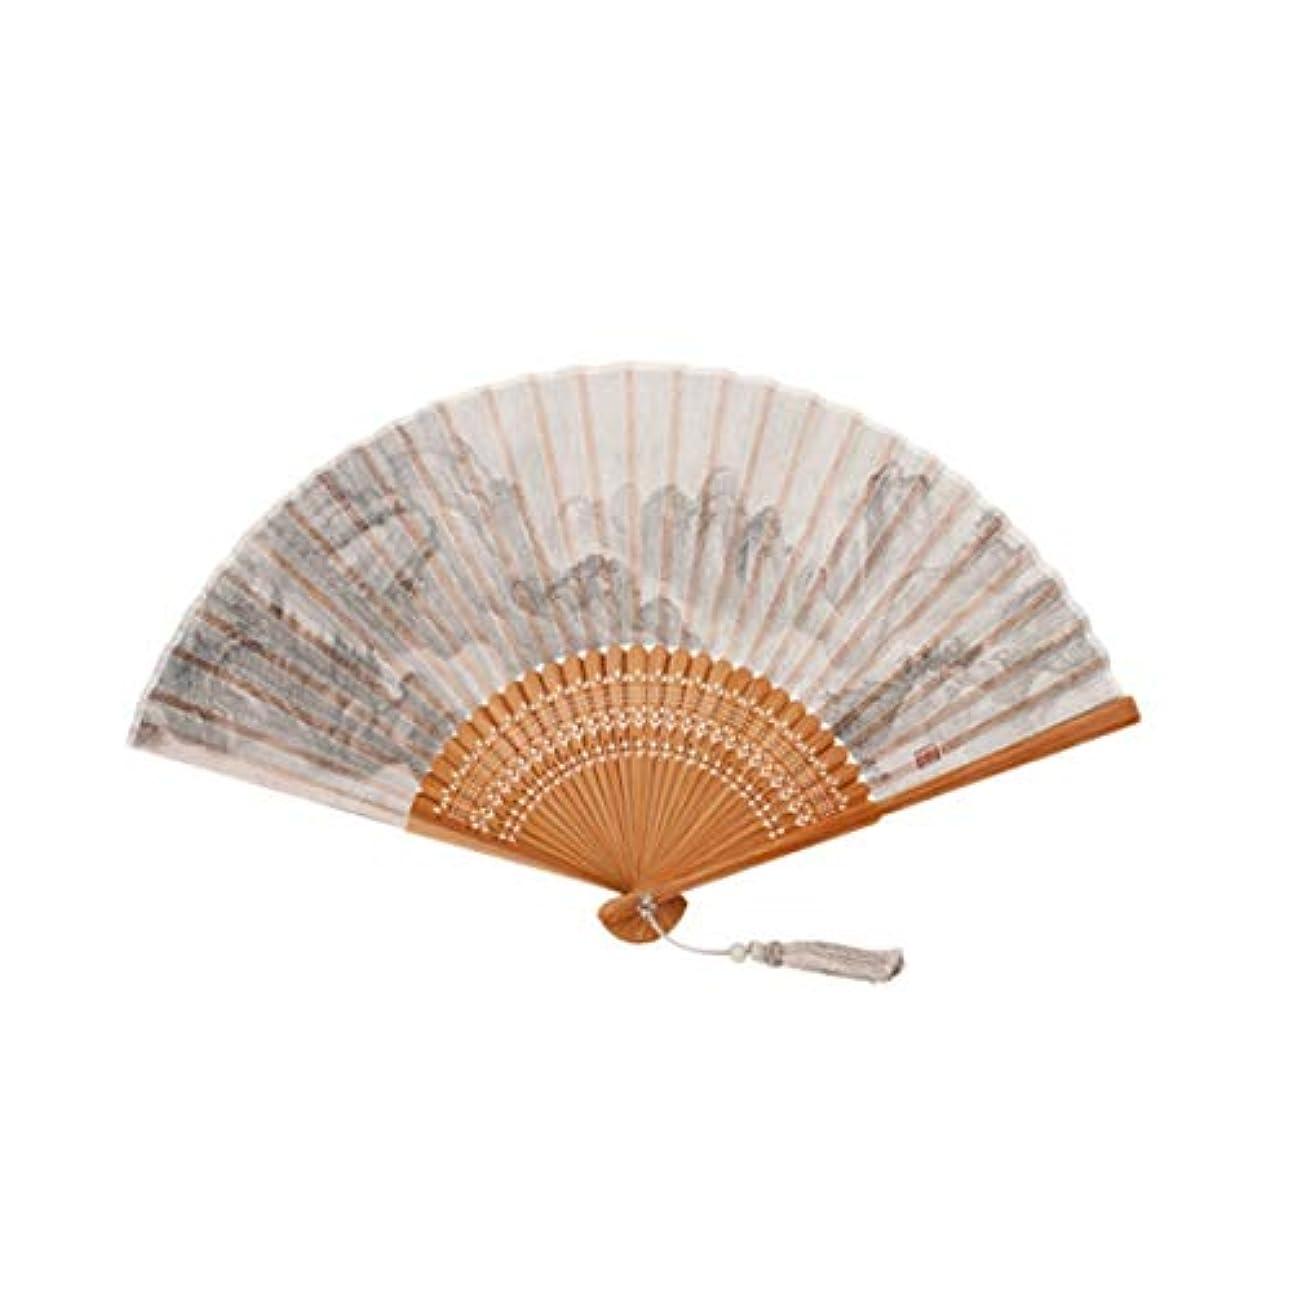 第二に符号までKATH アート扇子、シルクファン、中国のファンのギフト、扇子